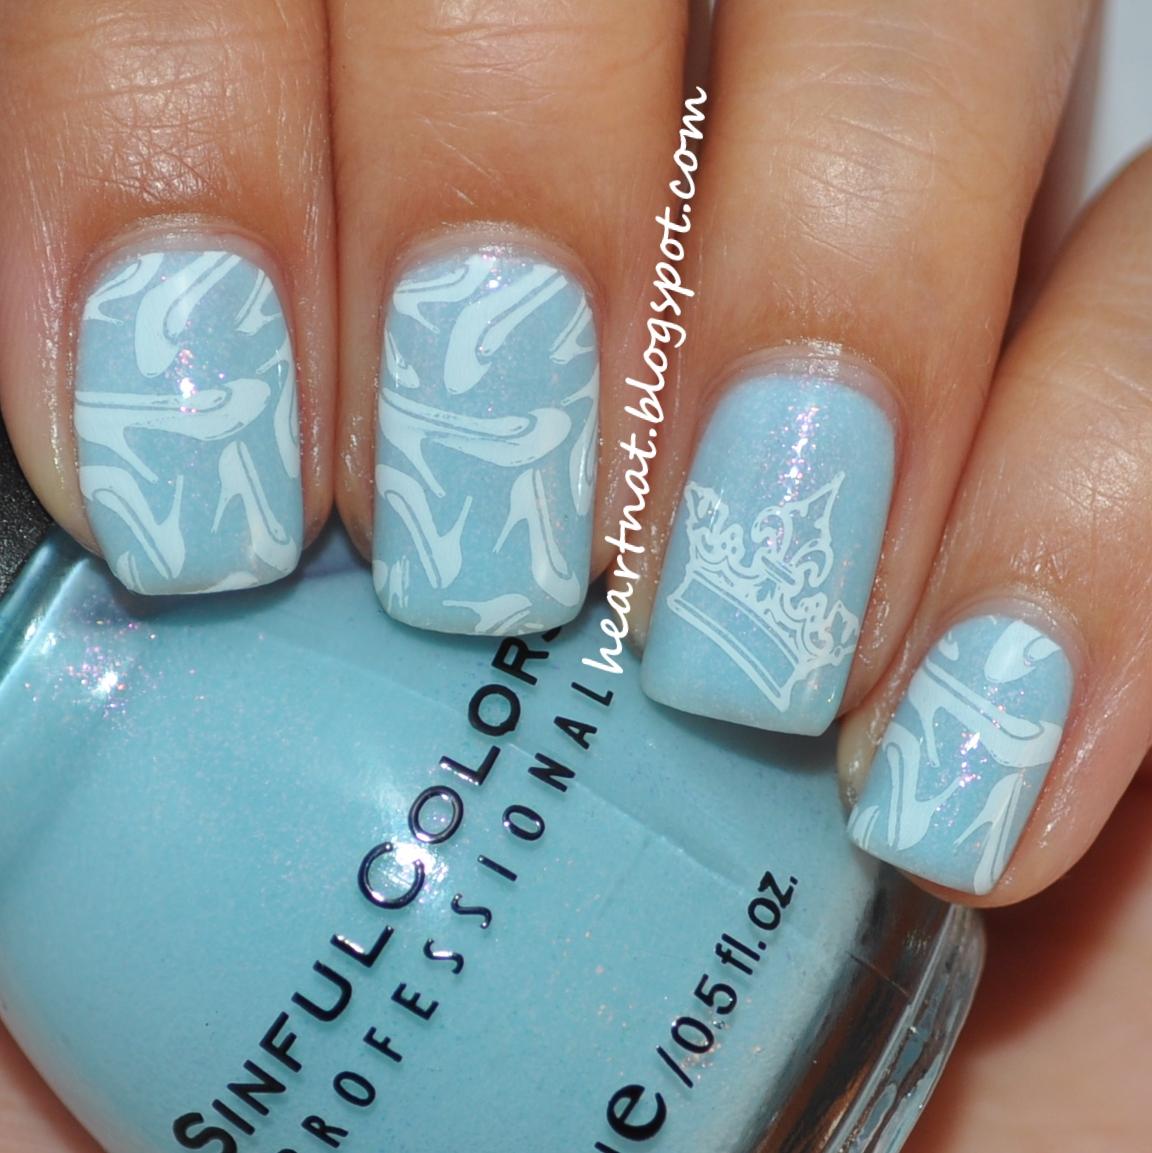 Cinderella Nails: Heartnat: Cinderella Inspired Nails